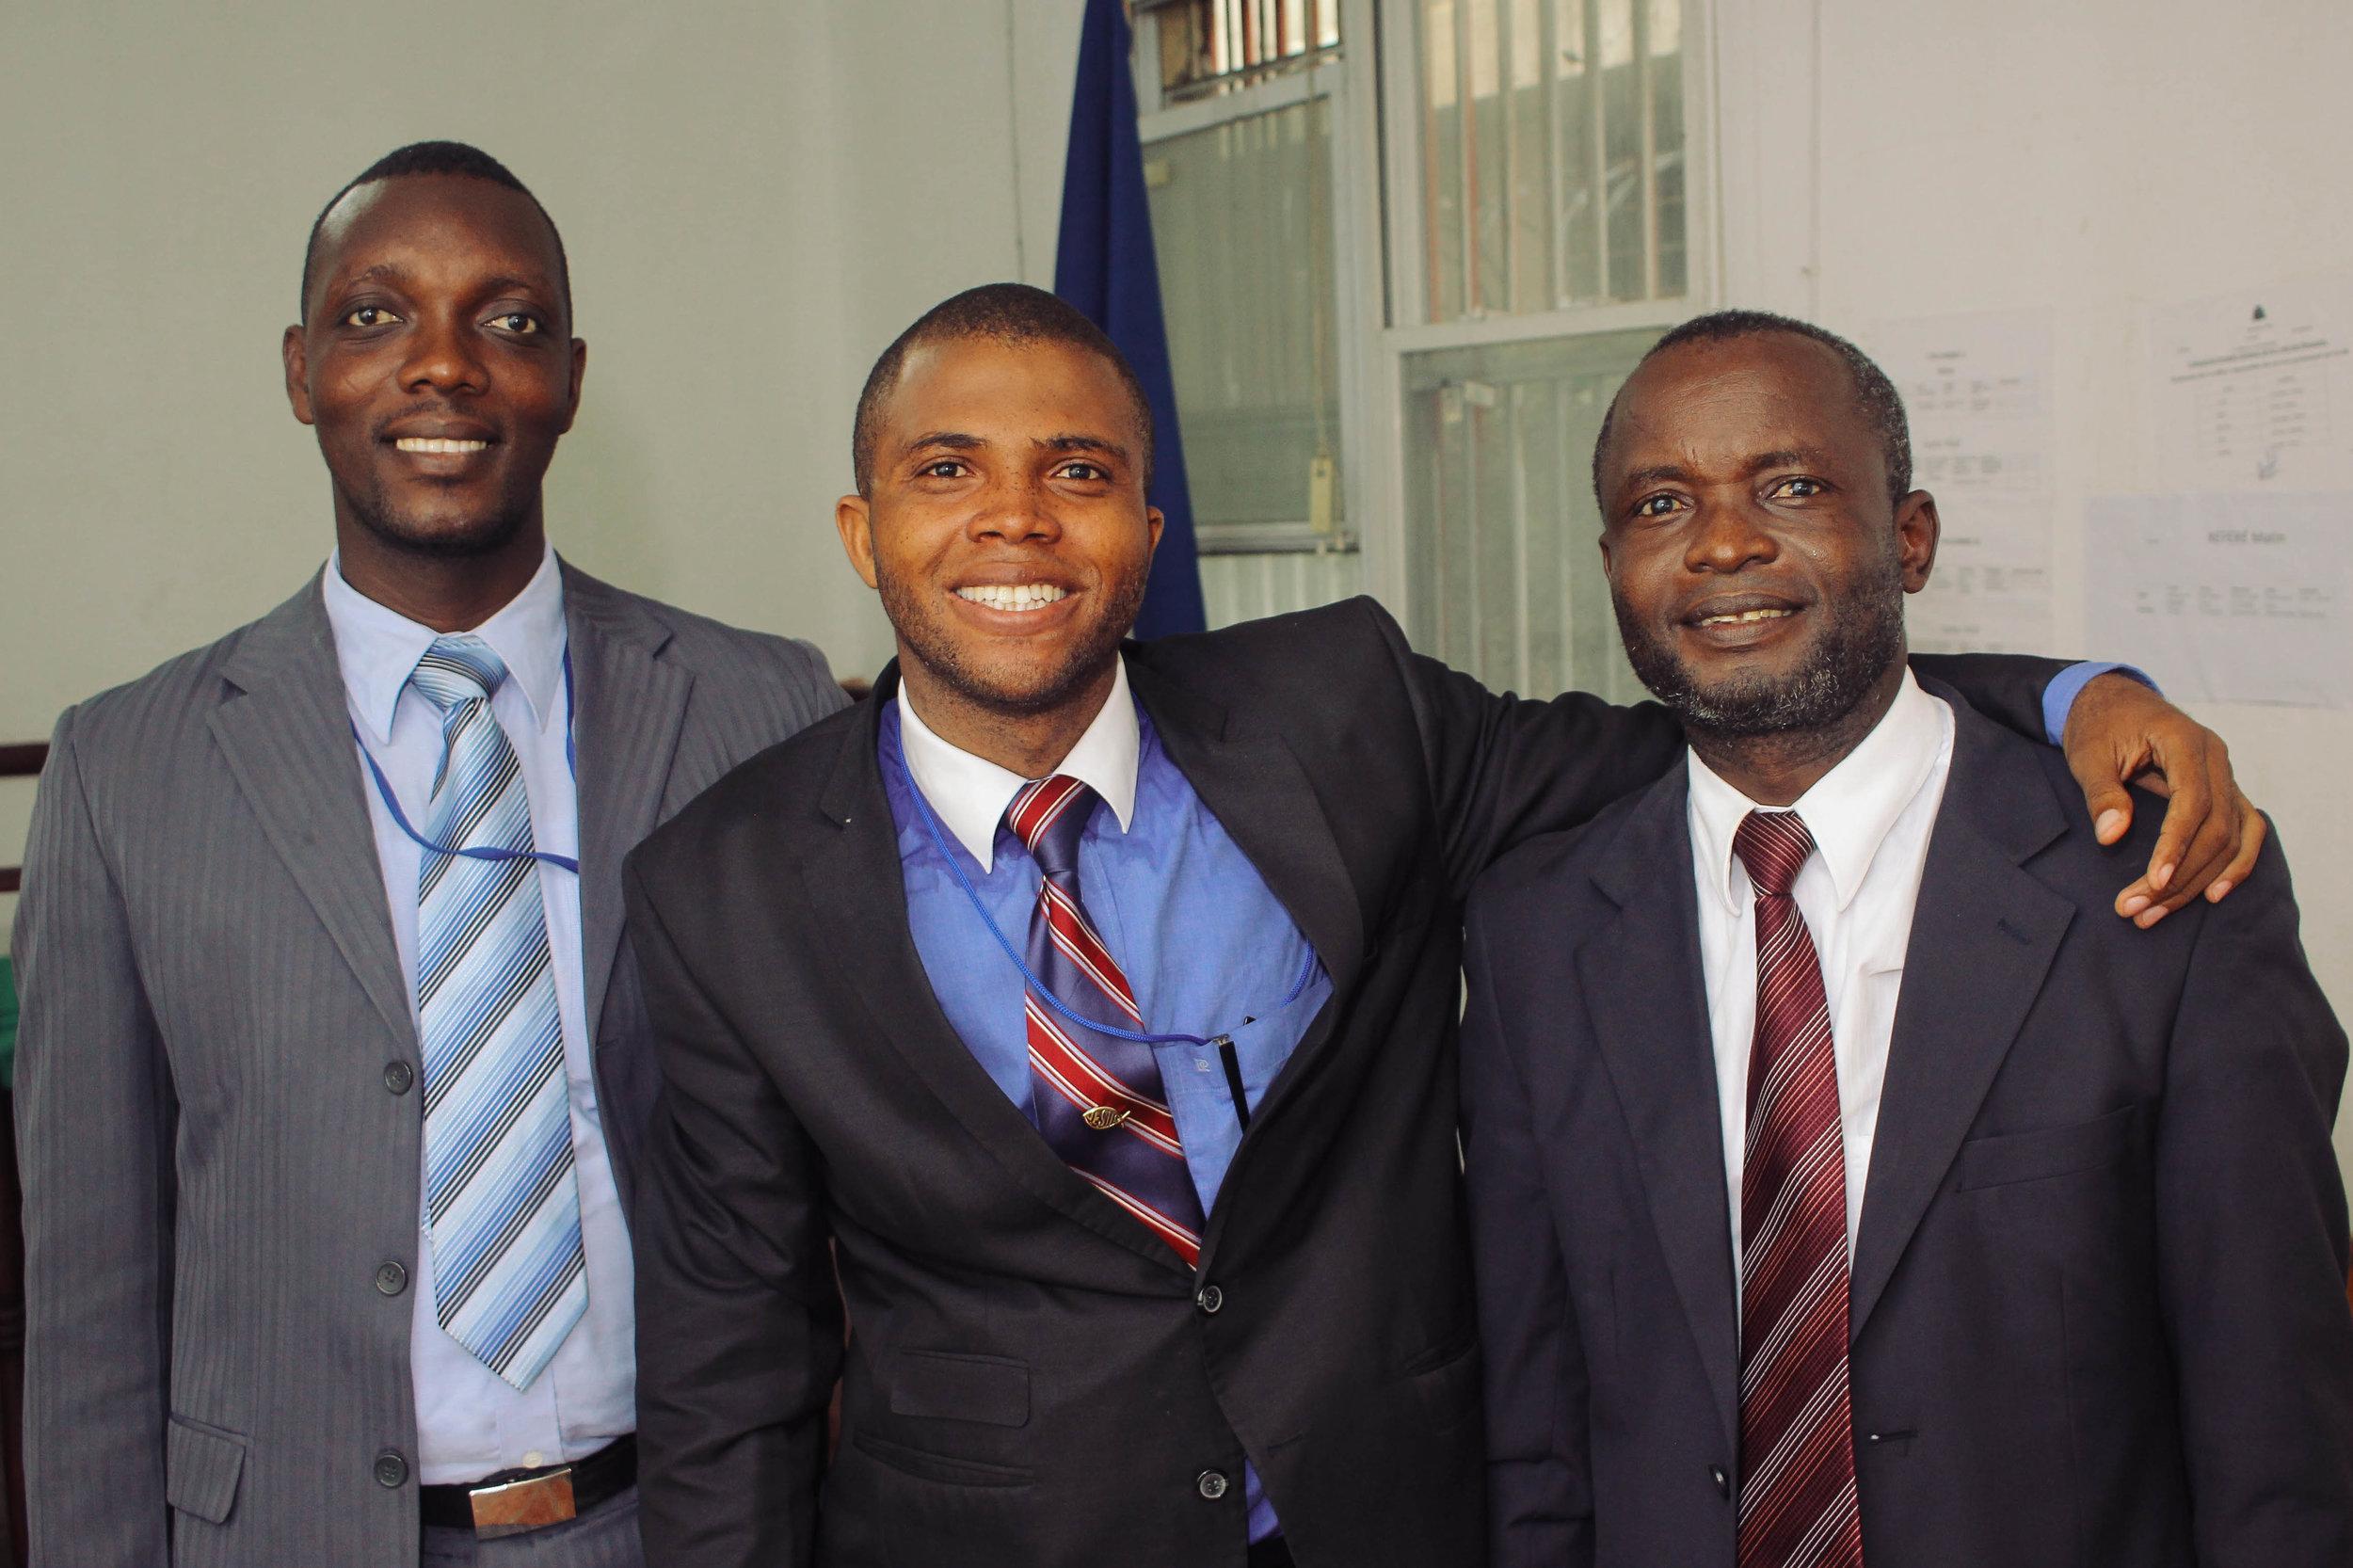 (left to right) Siméon Jean, Siméon Valet and Pastor Venel Lundy